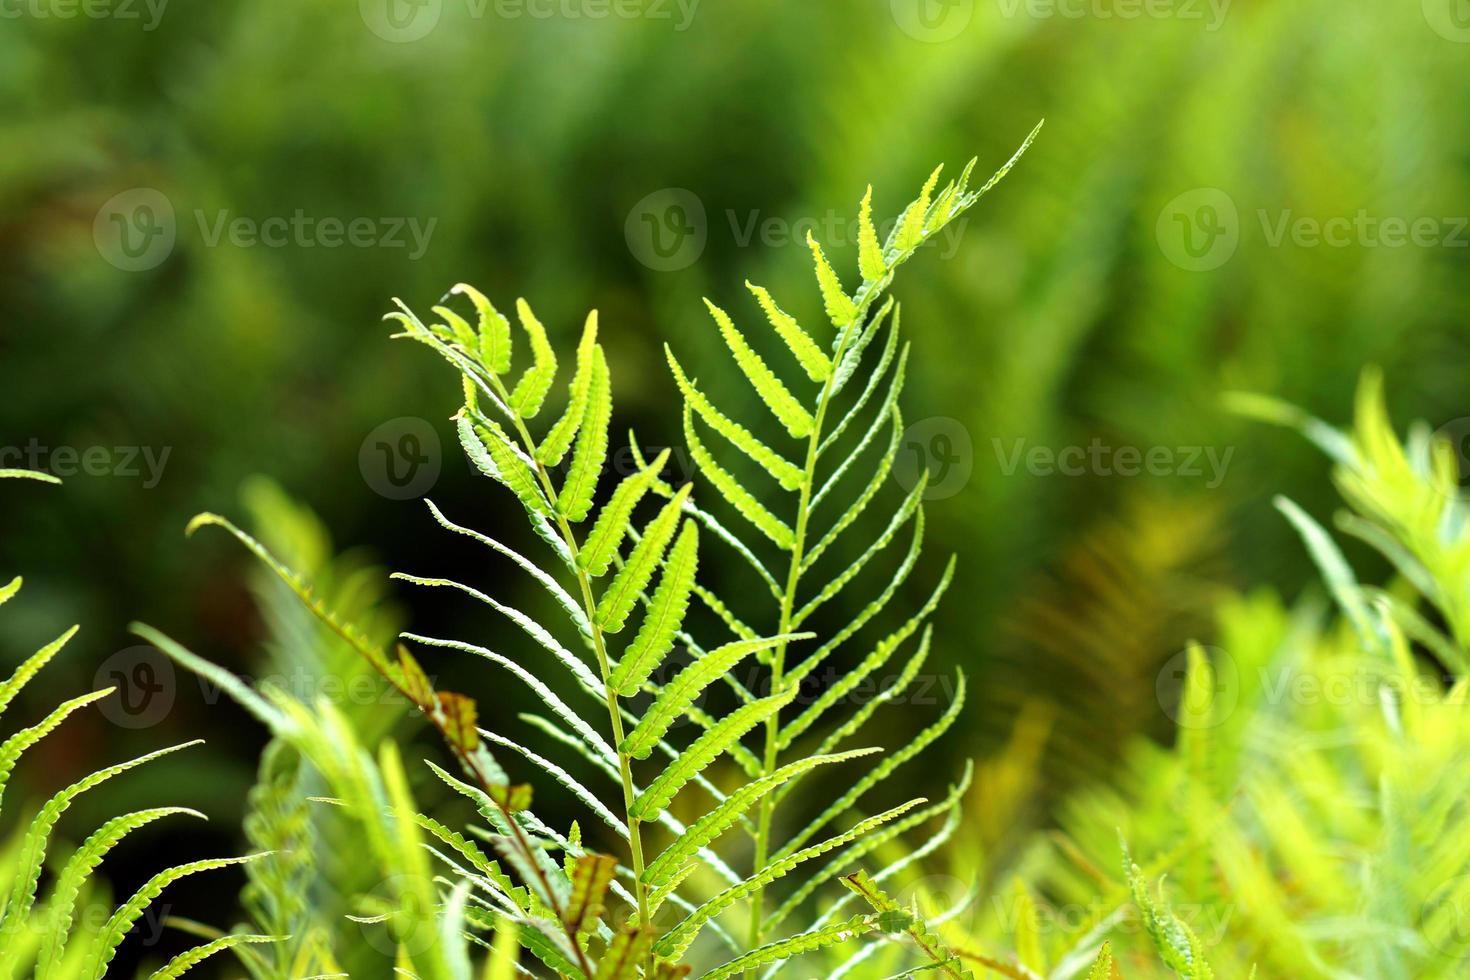 fougère verte poussant dans la forêt photo